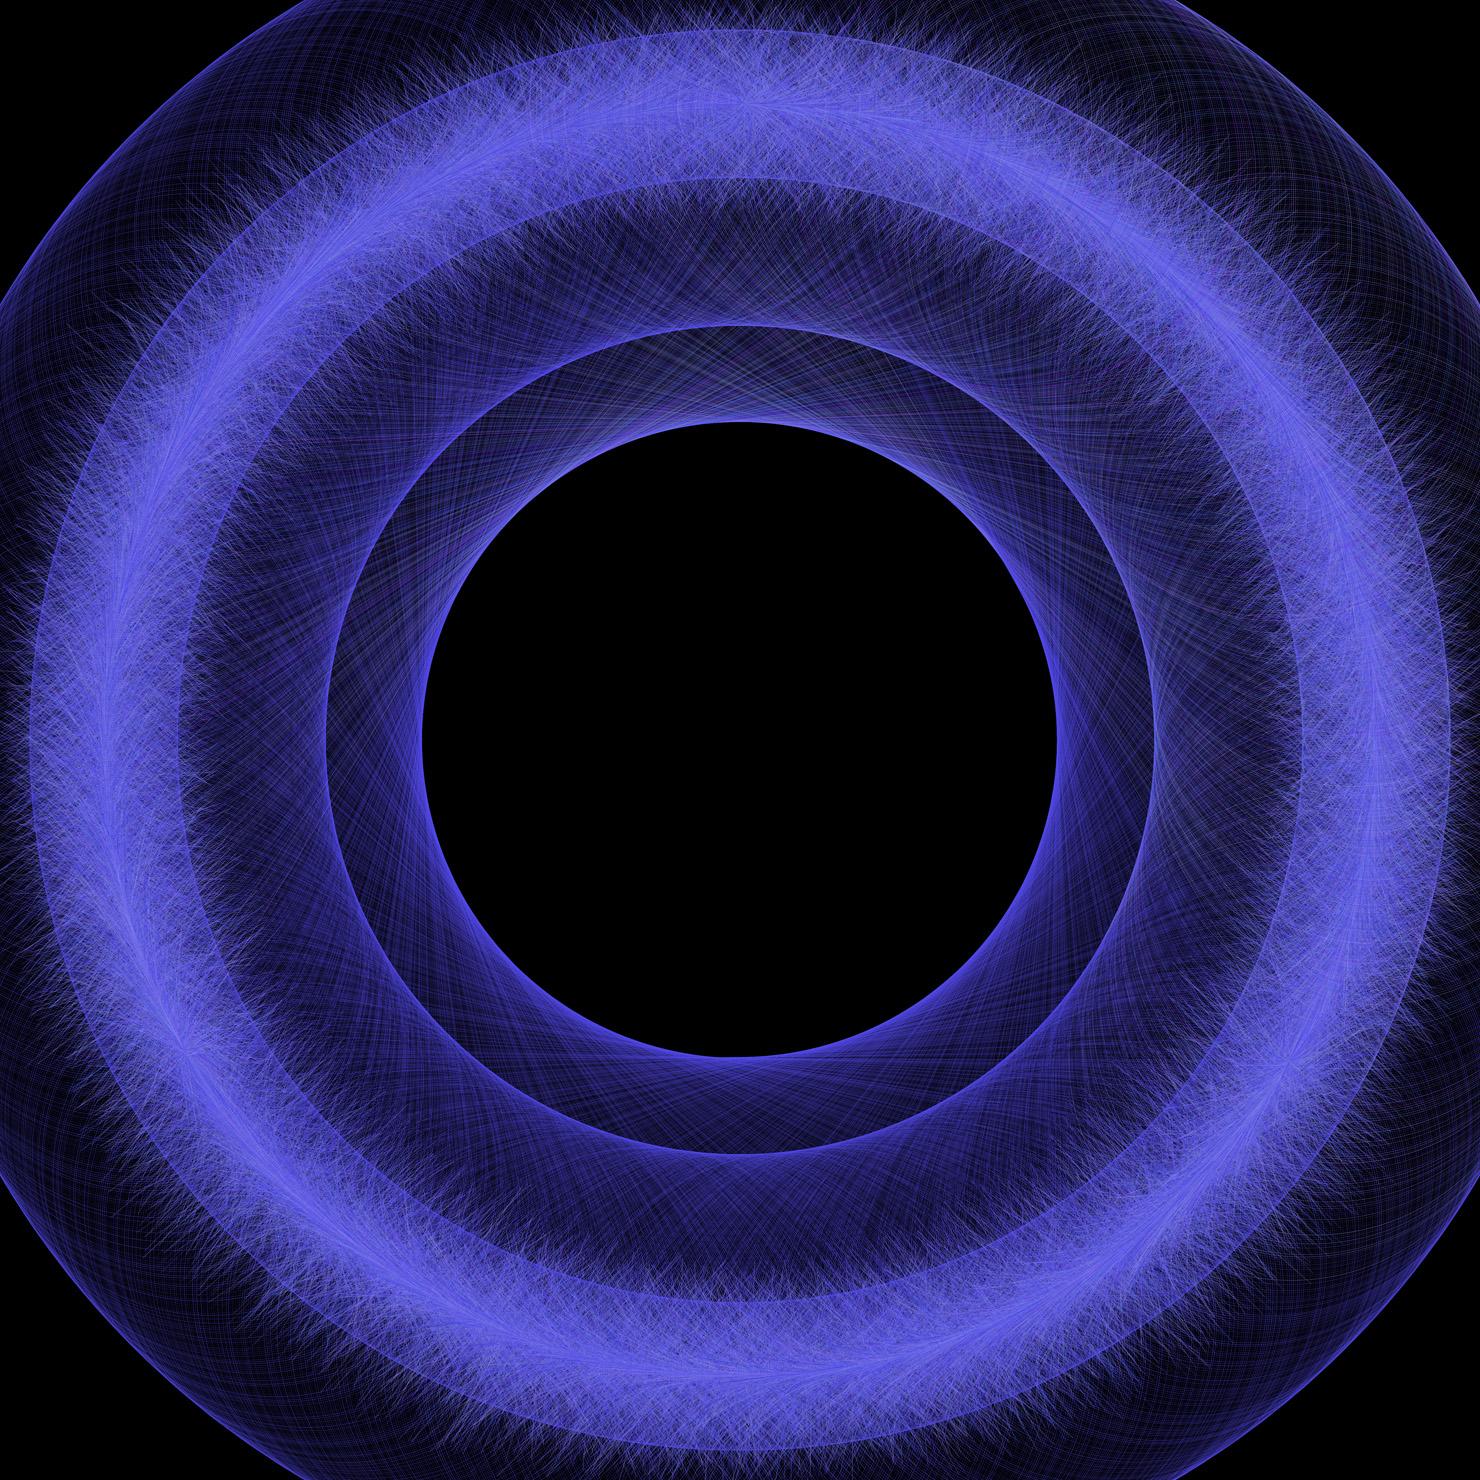 Linien verbinden Punkte auf unterschiedlichen Kreisbahnen und ergeben dadurch interessante Muster. Eine weitere modifizierte Linienfunktion simuliert Haare.